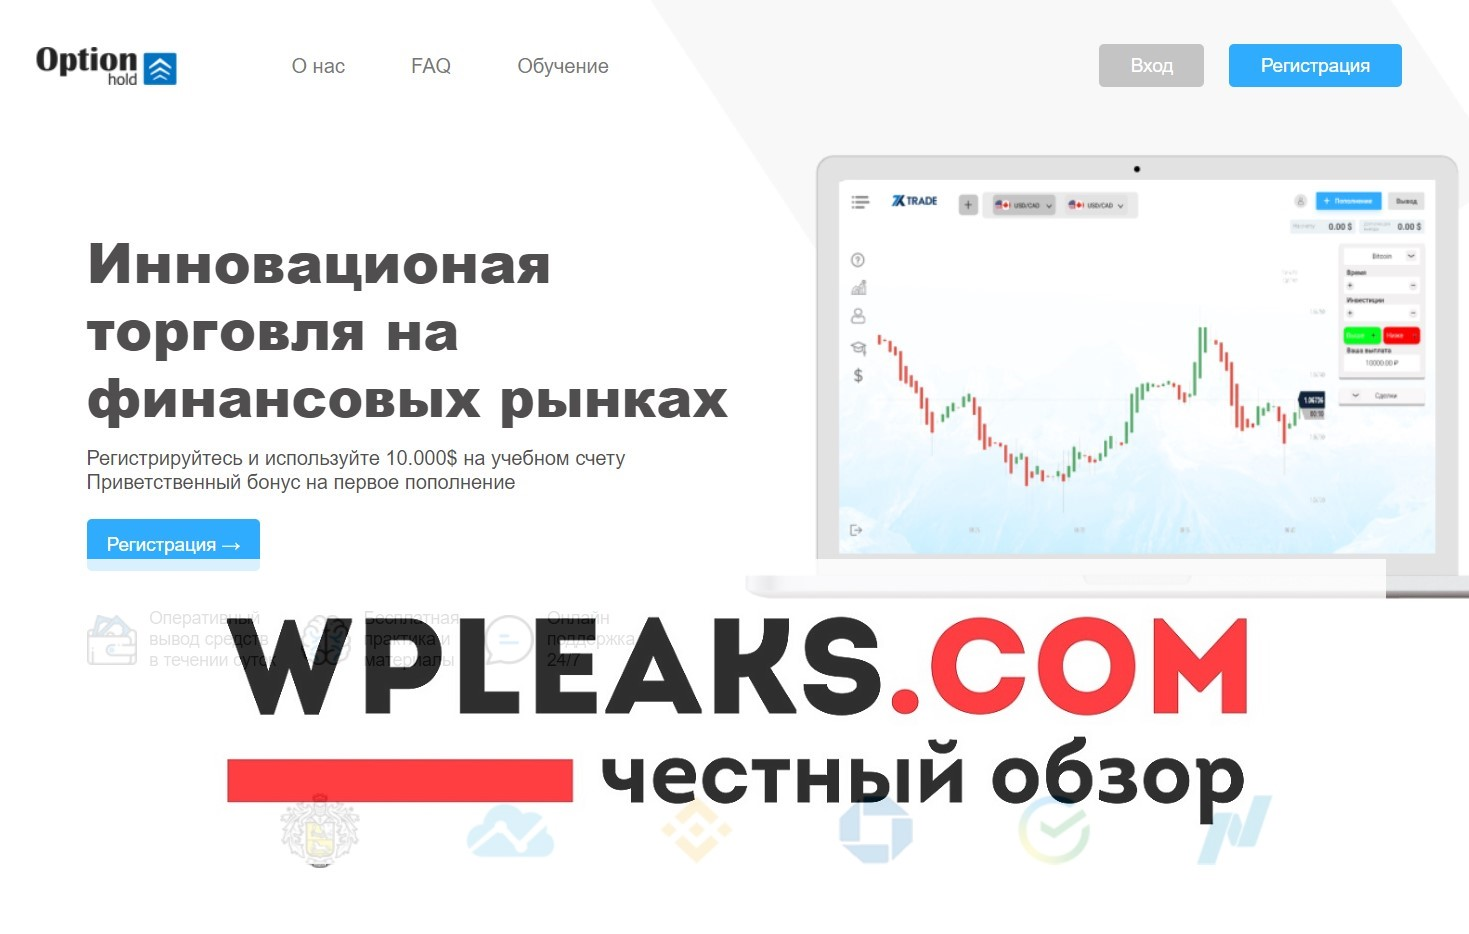 optionhold.com обзор